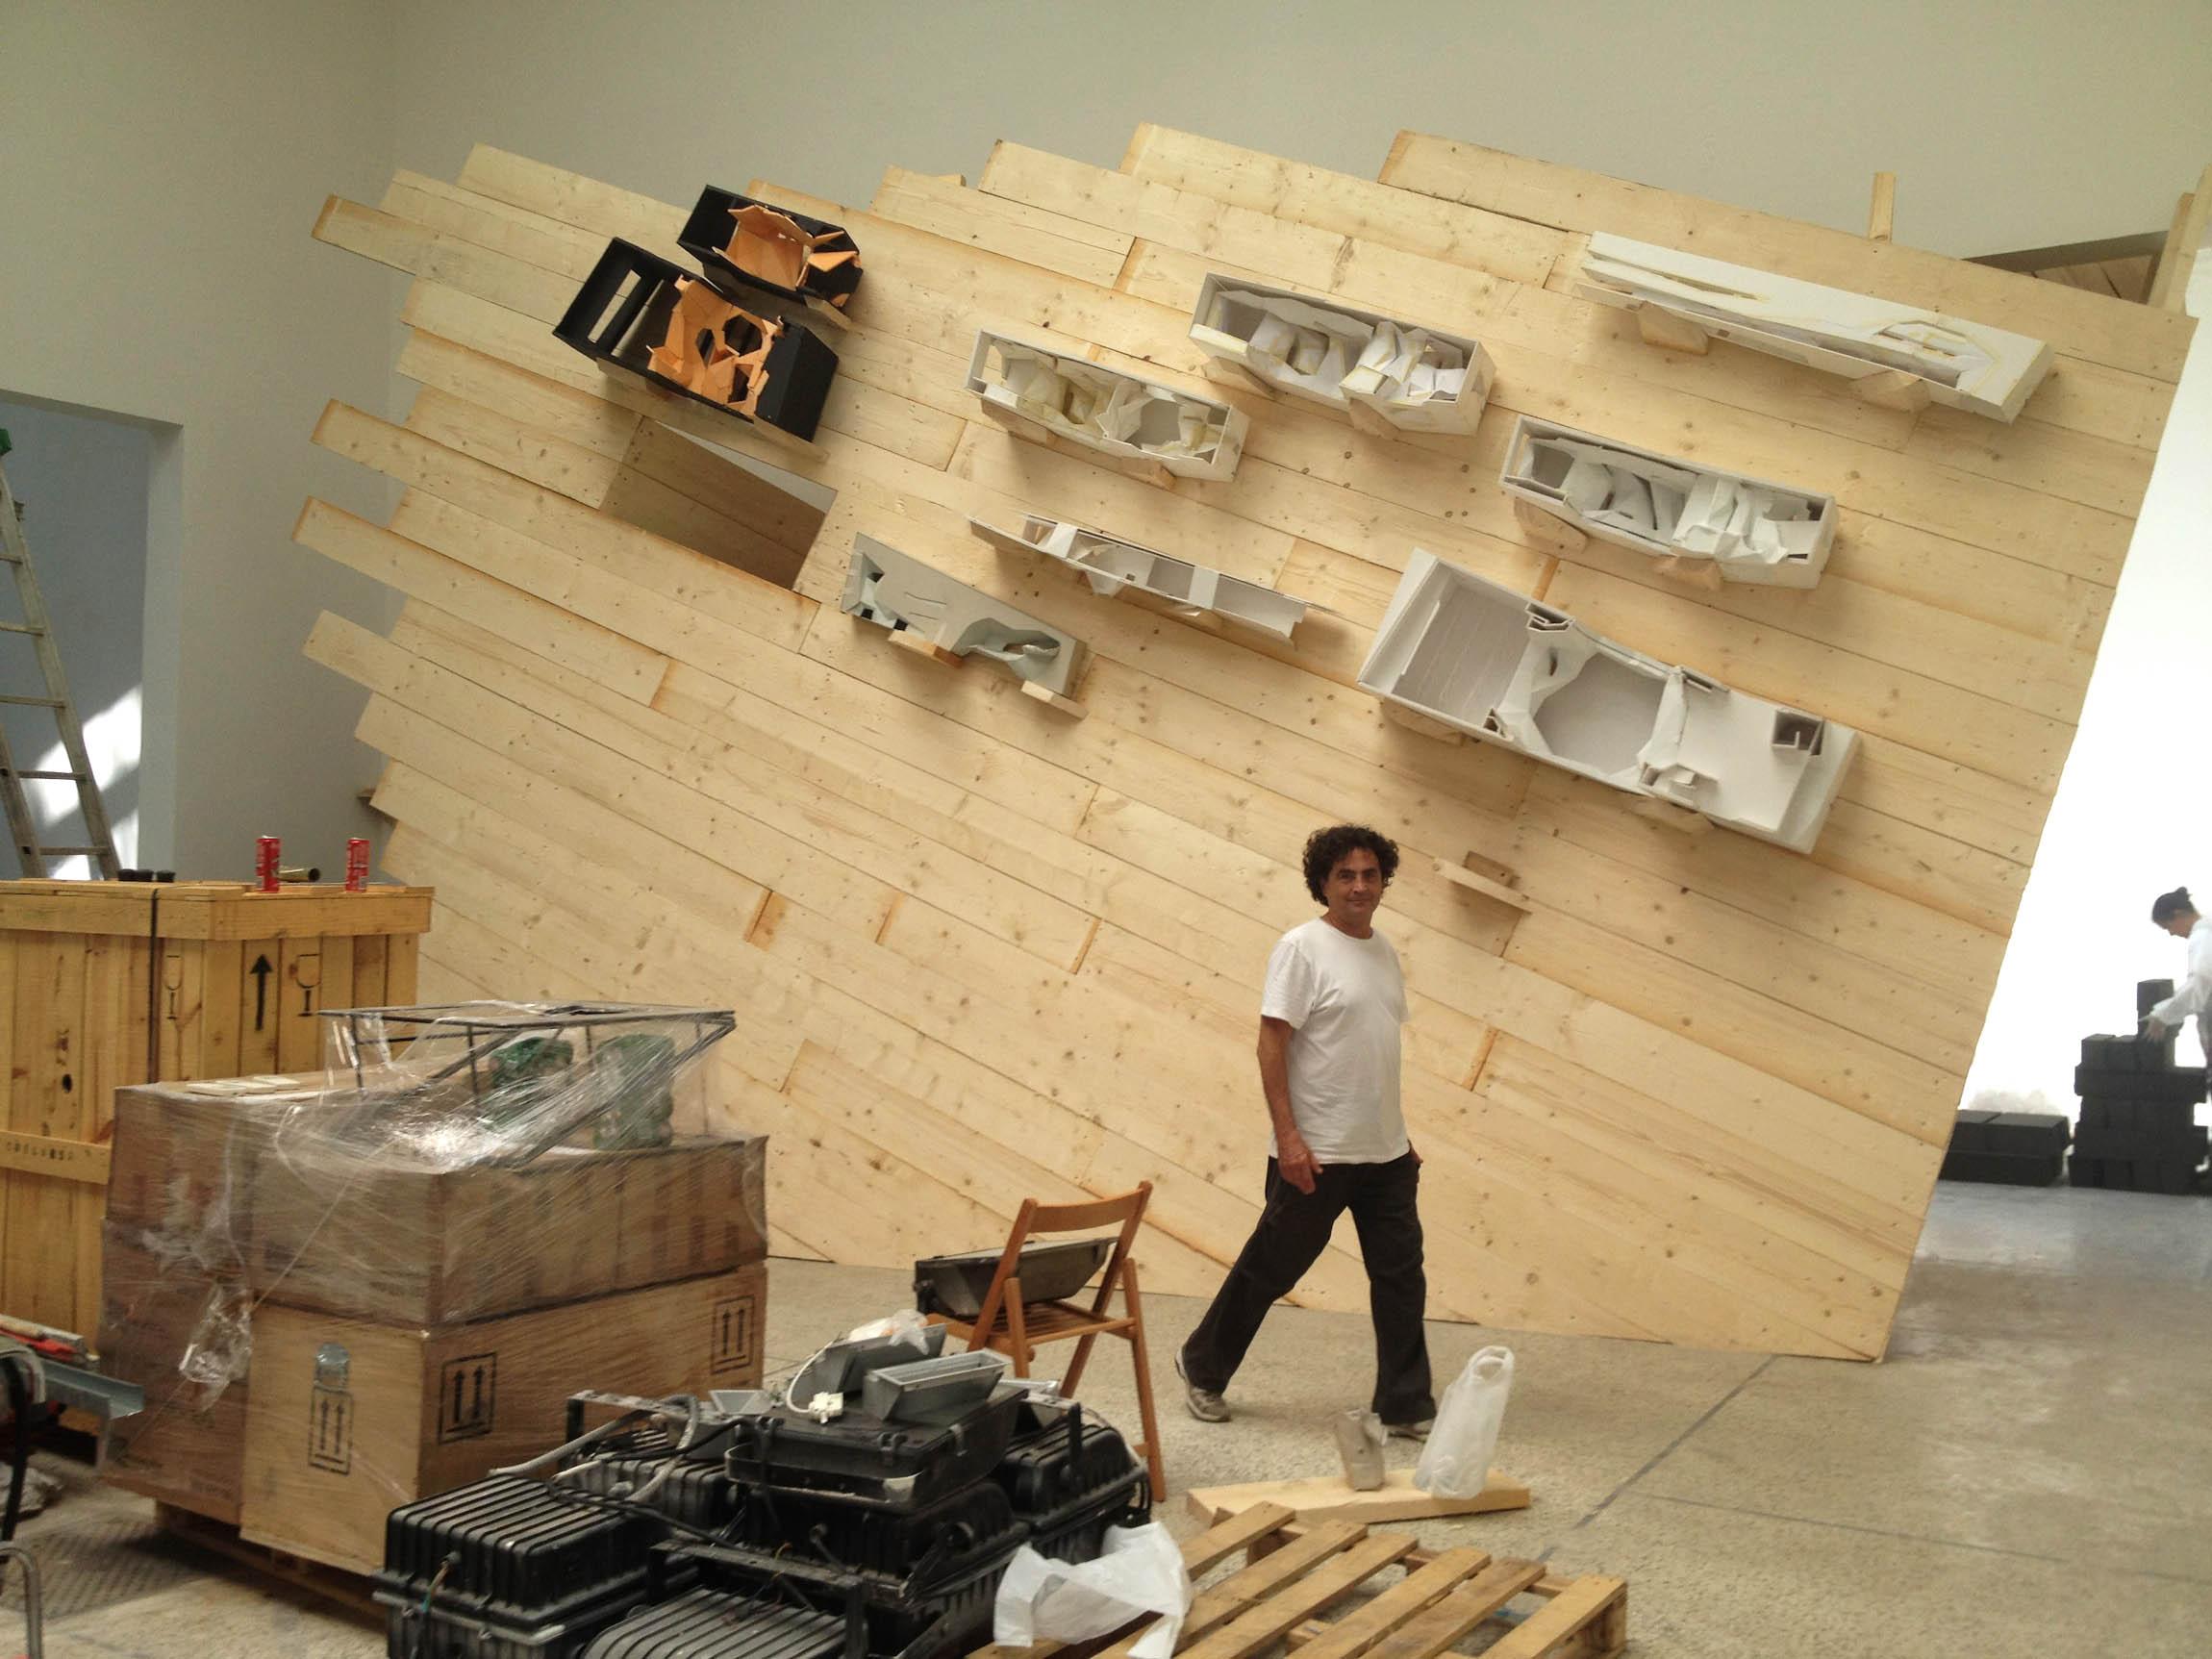 Bienal de Veneza 2012: INTO THE WALL / Menis Arquitectos, Cortesia de Menis Arquitectos